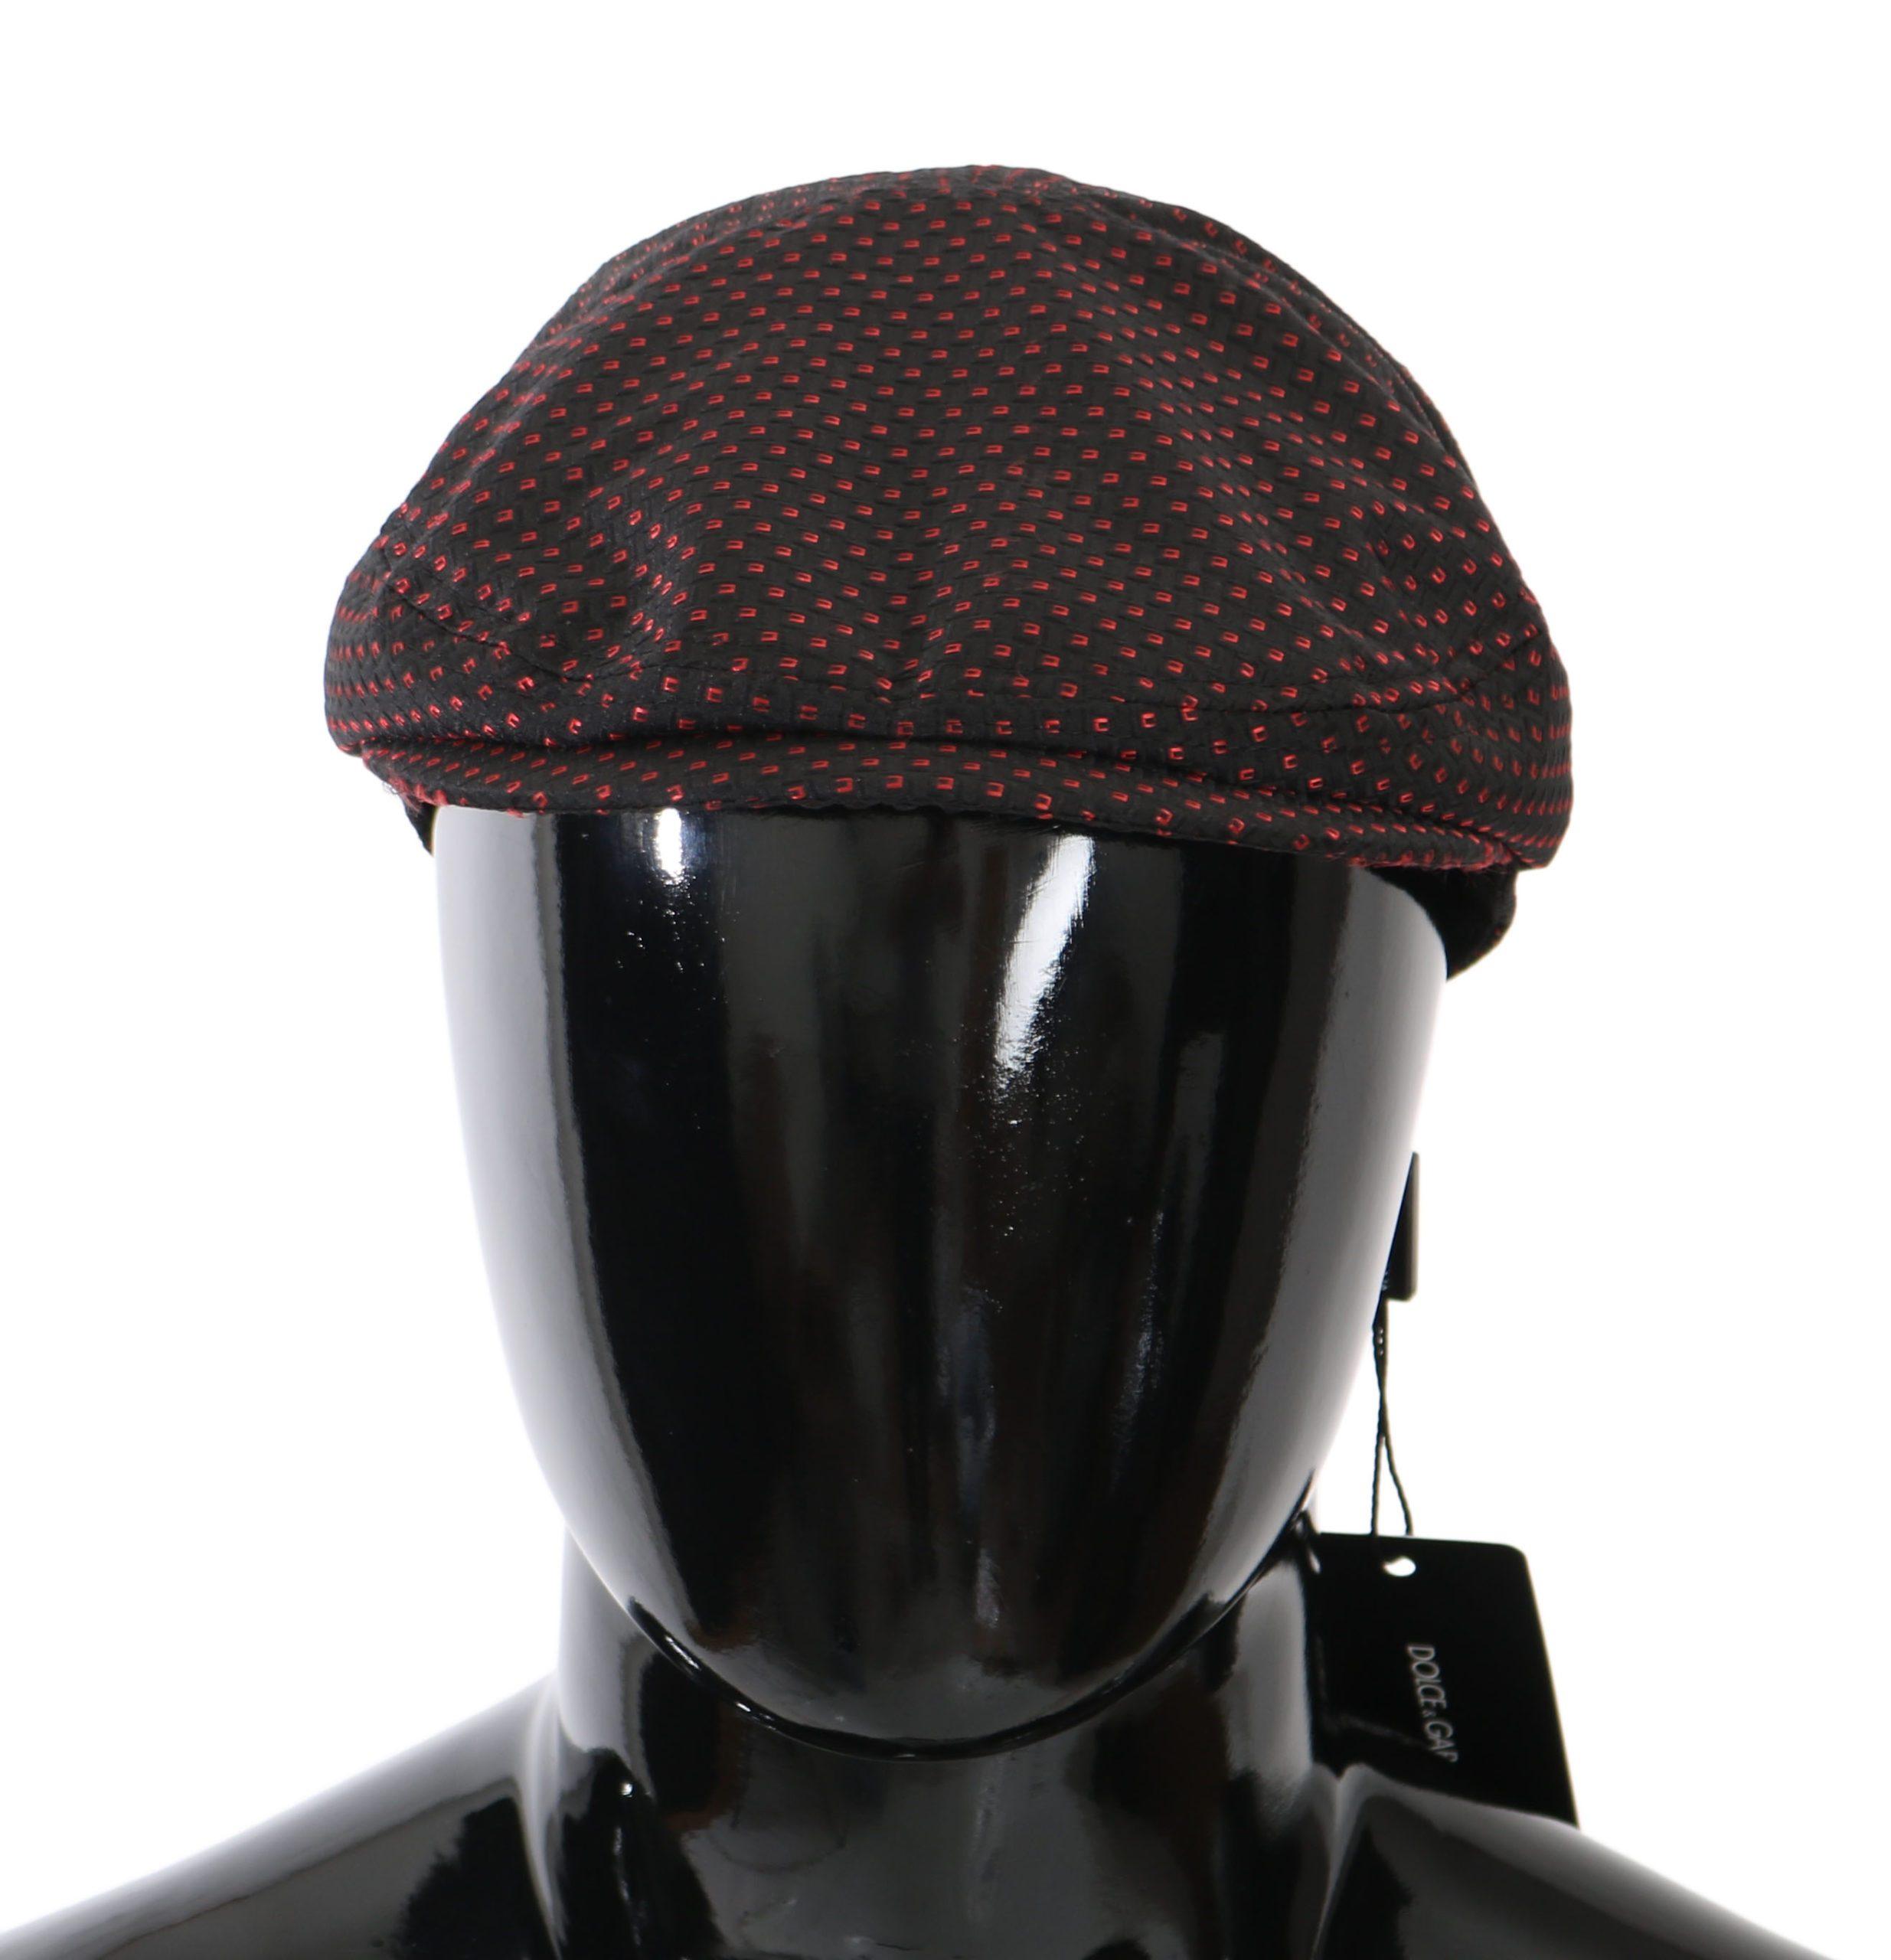 Dolce & Gabbana Men's Patterned Newsboy Capello Hat Bordeaux HAT81021 - 57 cm S